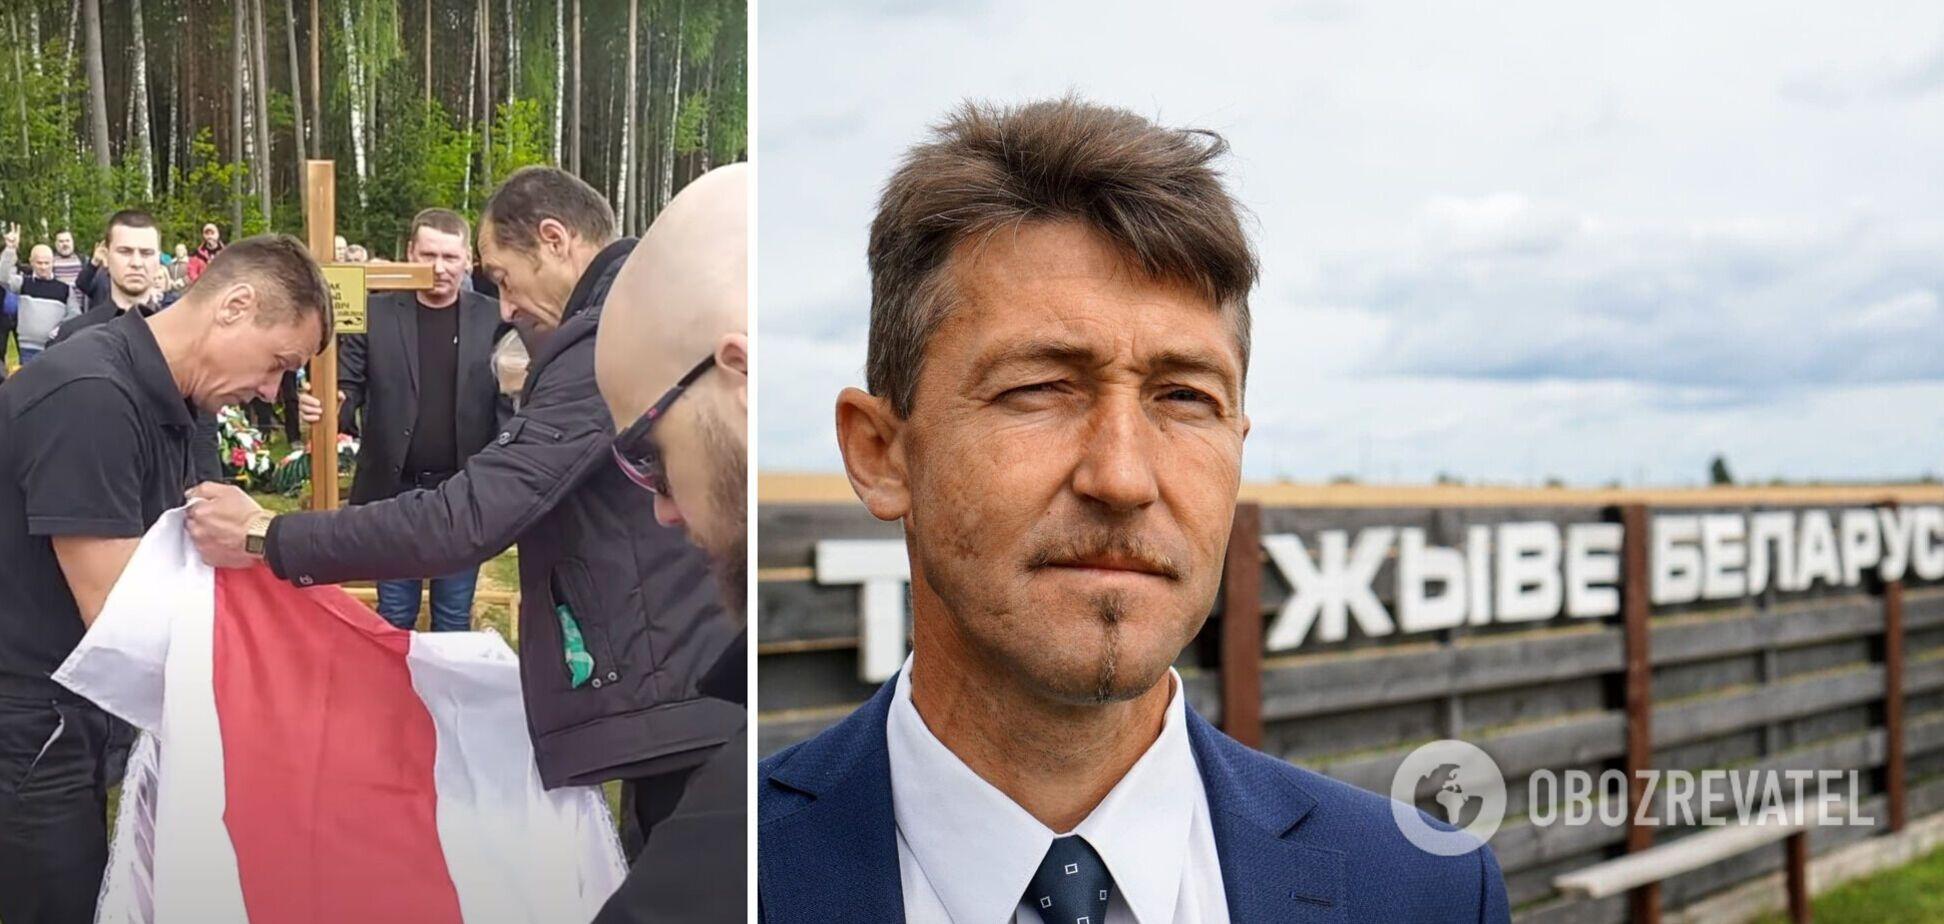 У Білорусі політв'язня, який помер у в'язниці, поховали з біло-червоно-білим прапором. Відео